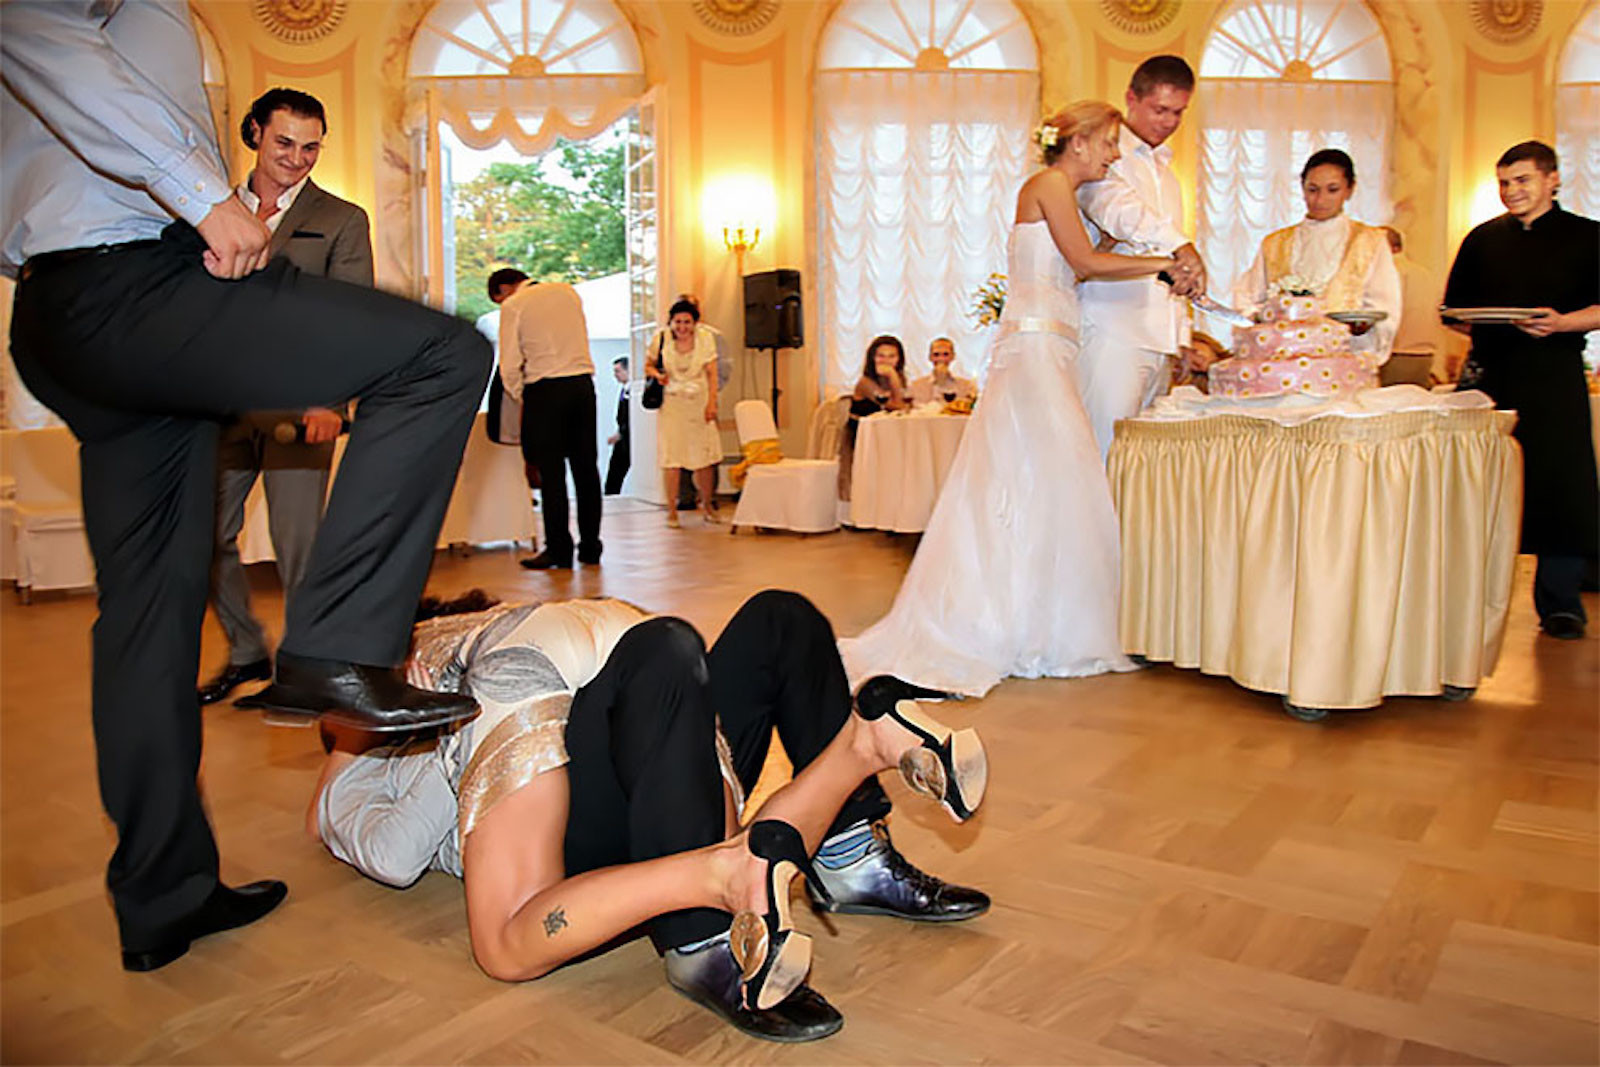 Русские свадьбы подсмотренное, Подглядывание за молодожёнами в спальне 15 фотография